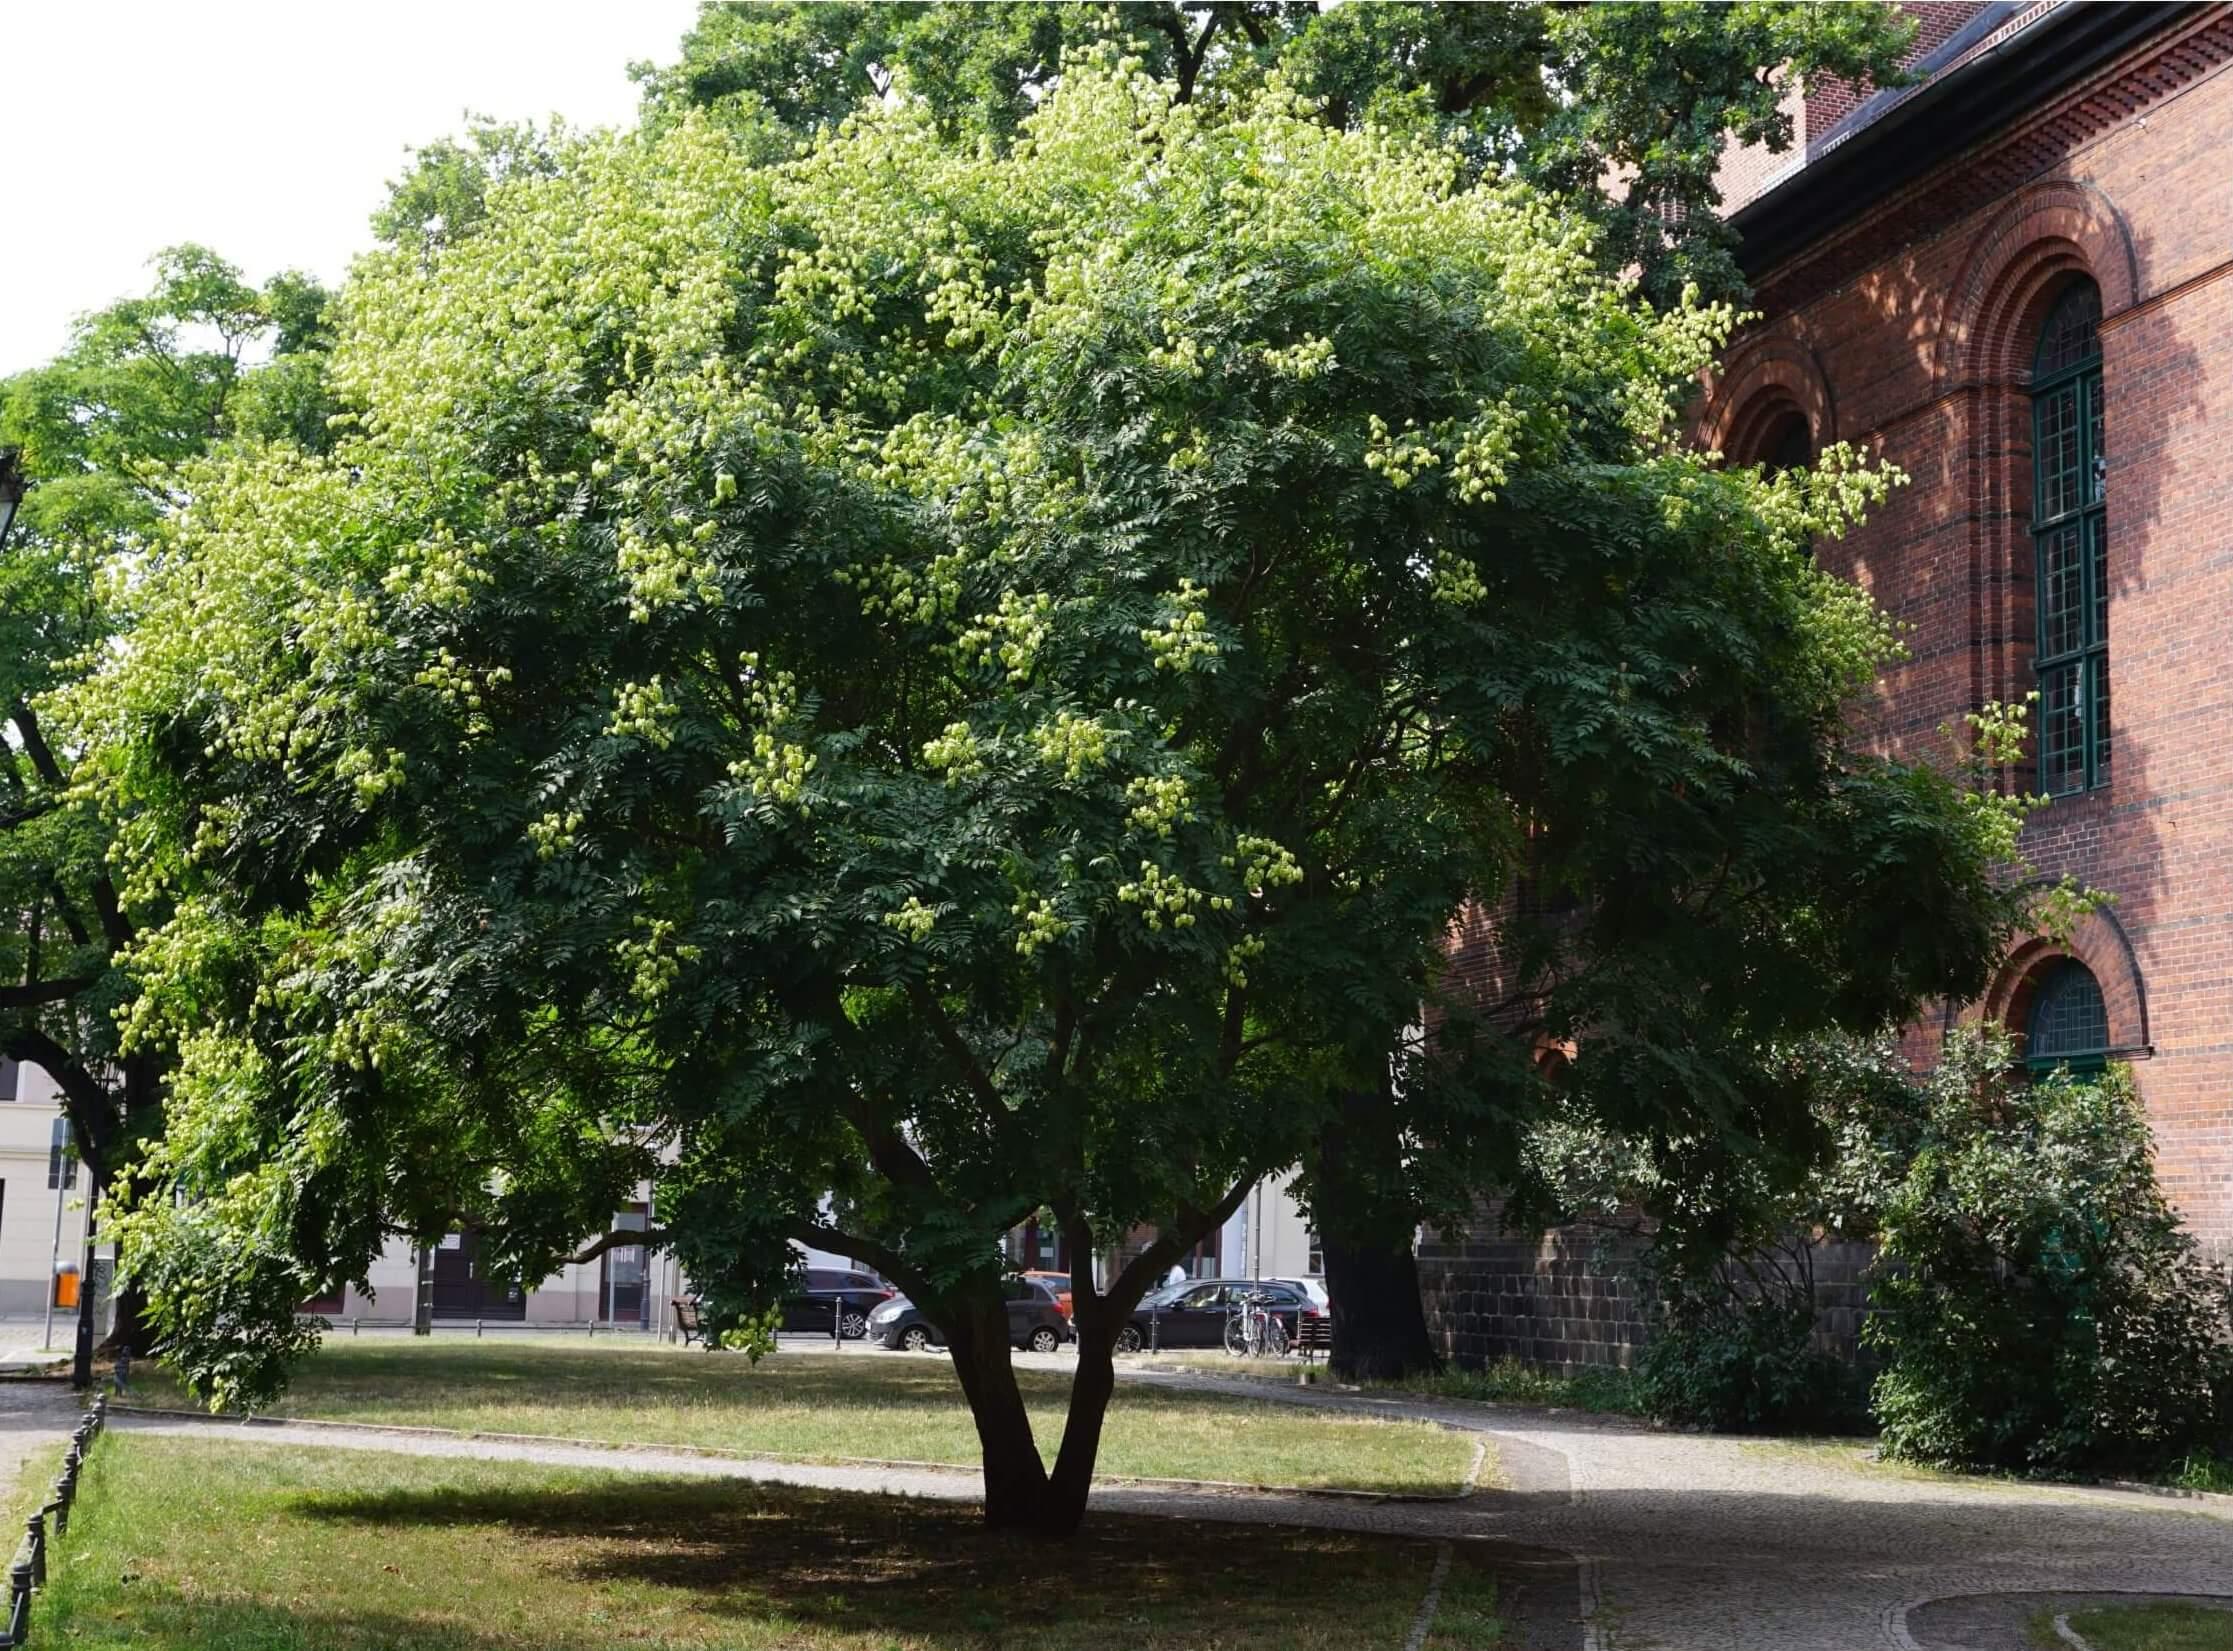 Das Bild zeigt ein gut gewachsenes, solitär stehendes Exemplar einer Blasenesche an der St. Laurentiuskirche in Alt-Köpenick. Der Baum trägt im August die noch grünen Kapselfrüchte.